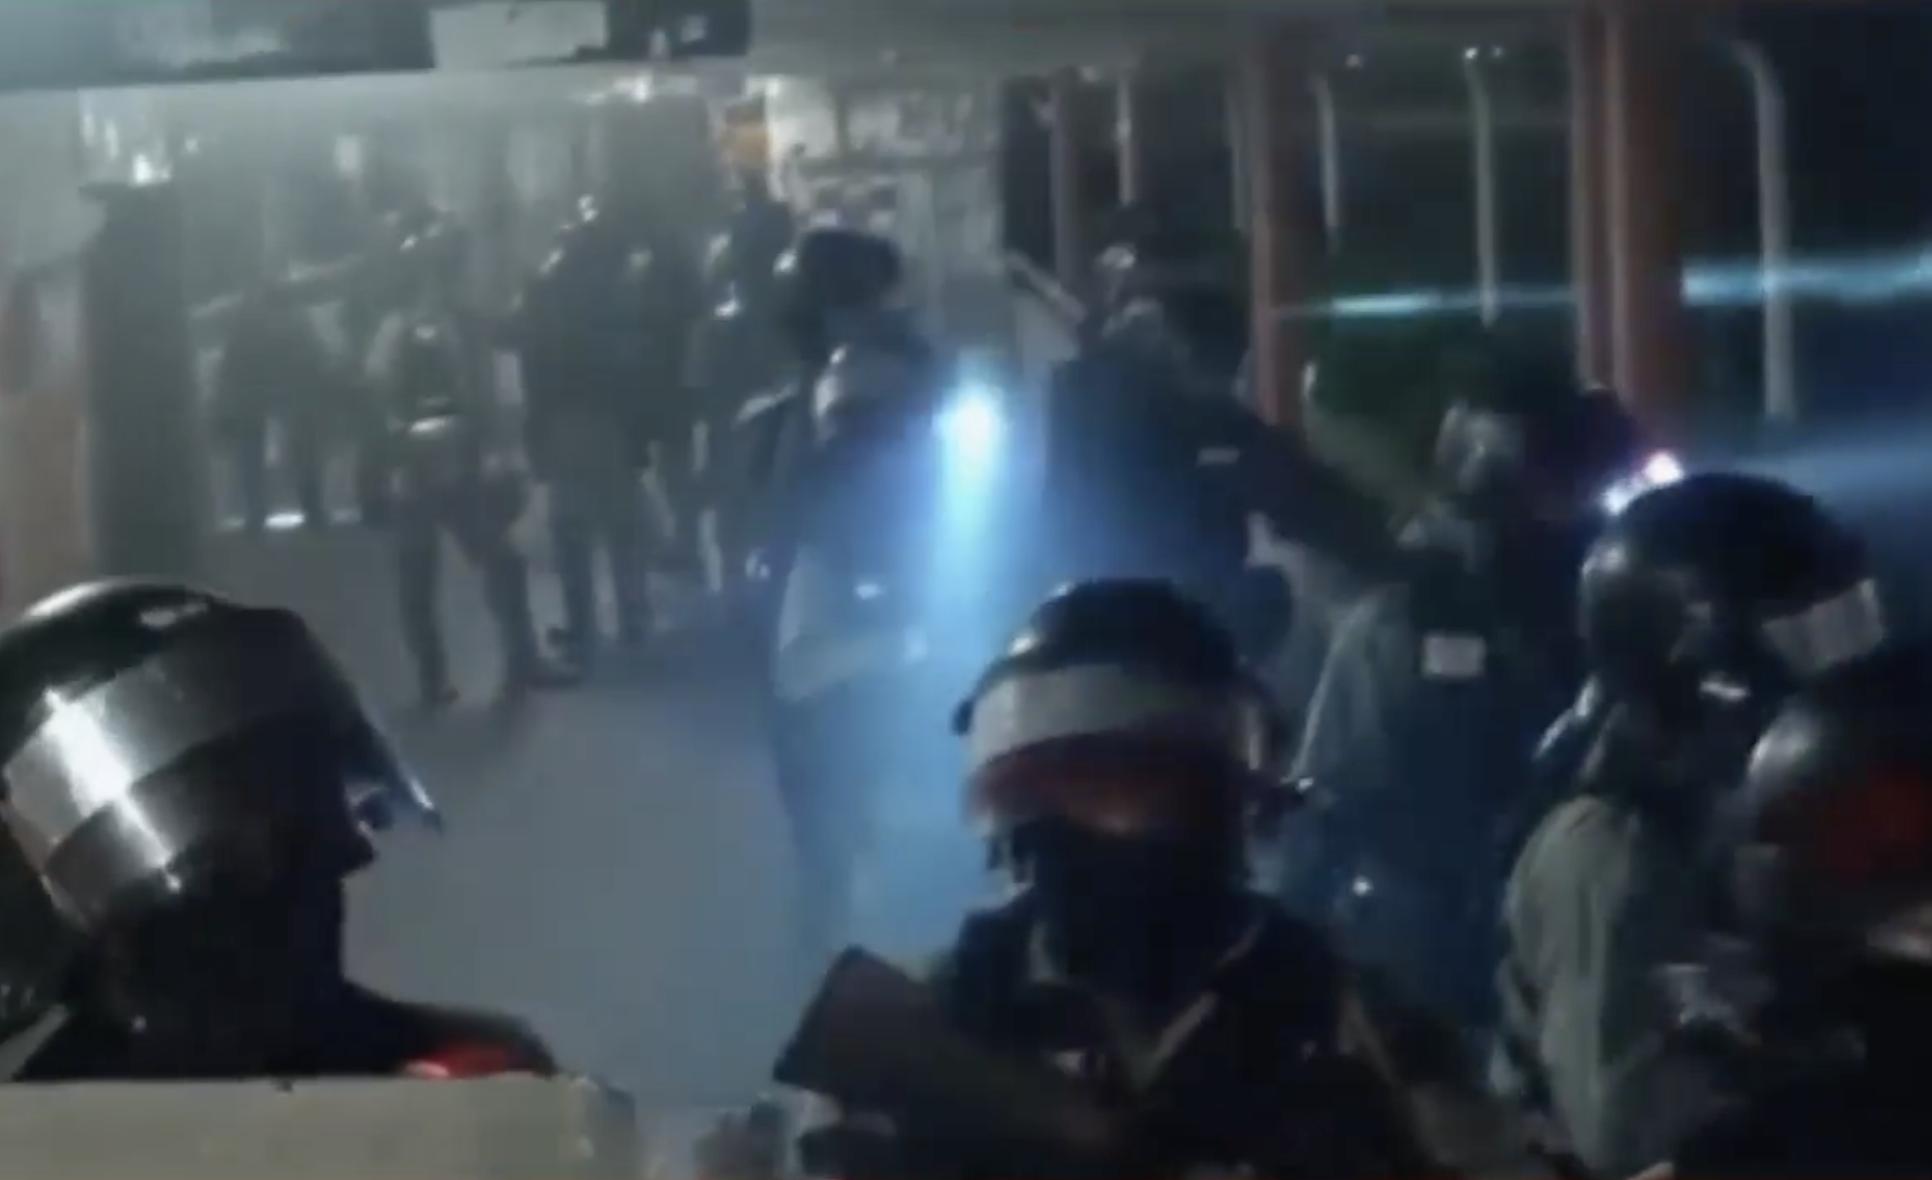 8日,香港人「全城悼念周同學」活動,同日晚9時40分左右,防暴警察在屯門一行人天橋上鎮壓清場。其間警察多次向抗爭者粗言穢語辱罵、叫喊著:「今天開香檳慶祝!」「值得恭喜!」(視頻截圖)